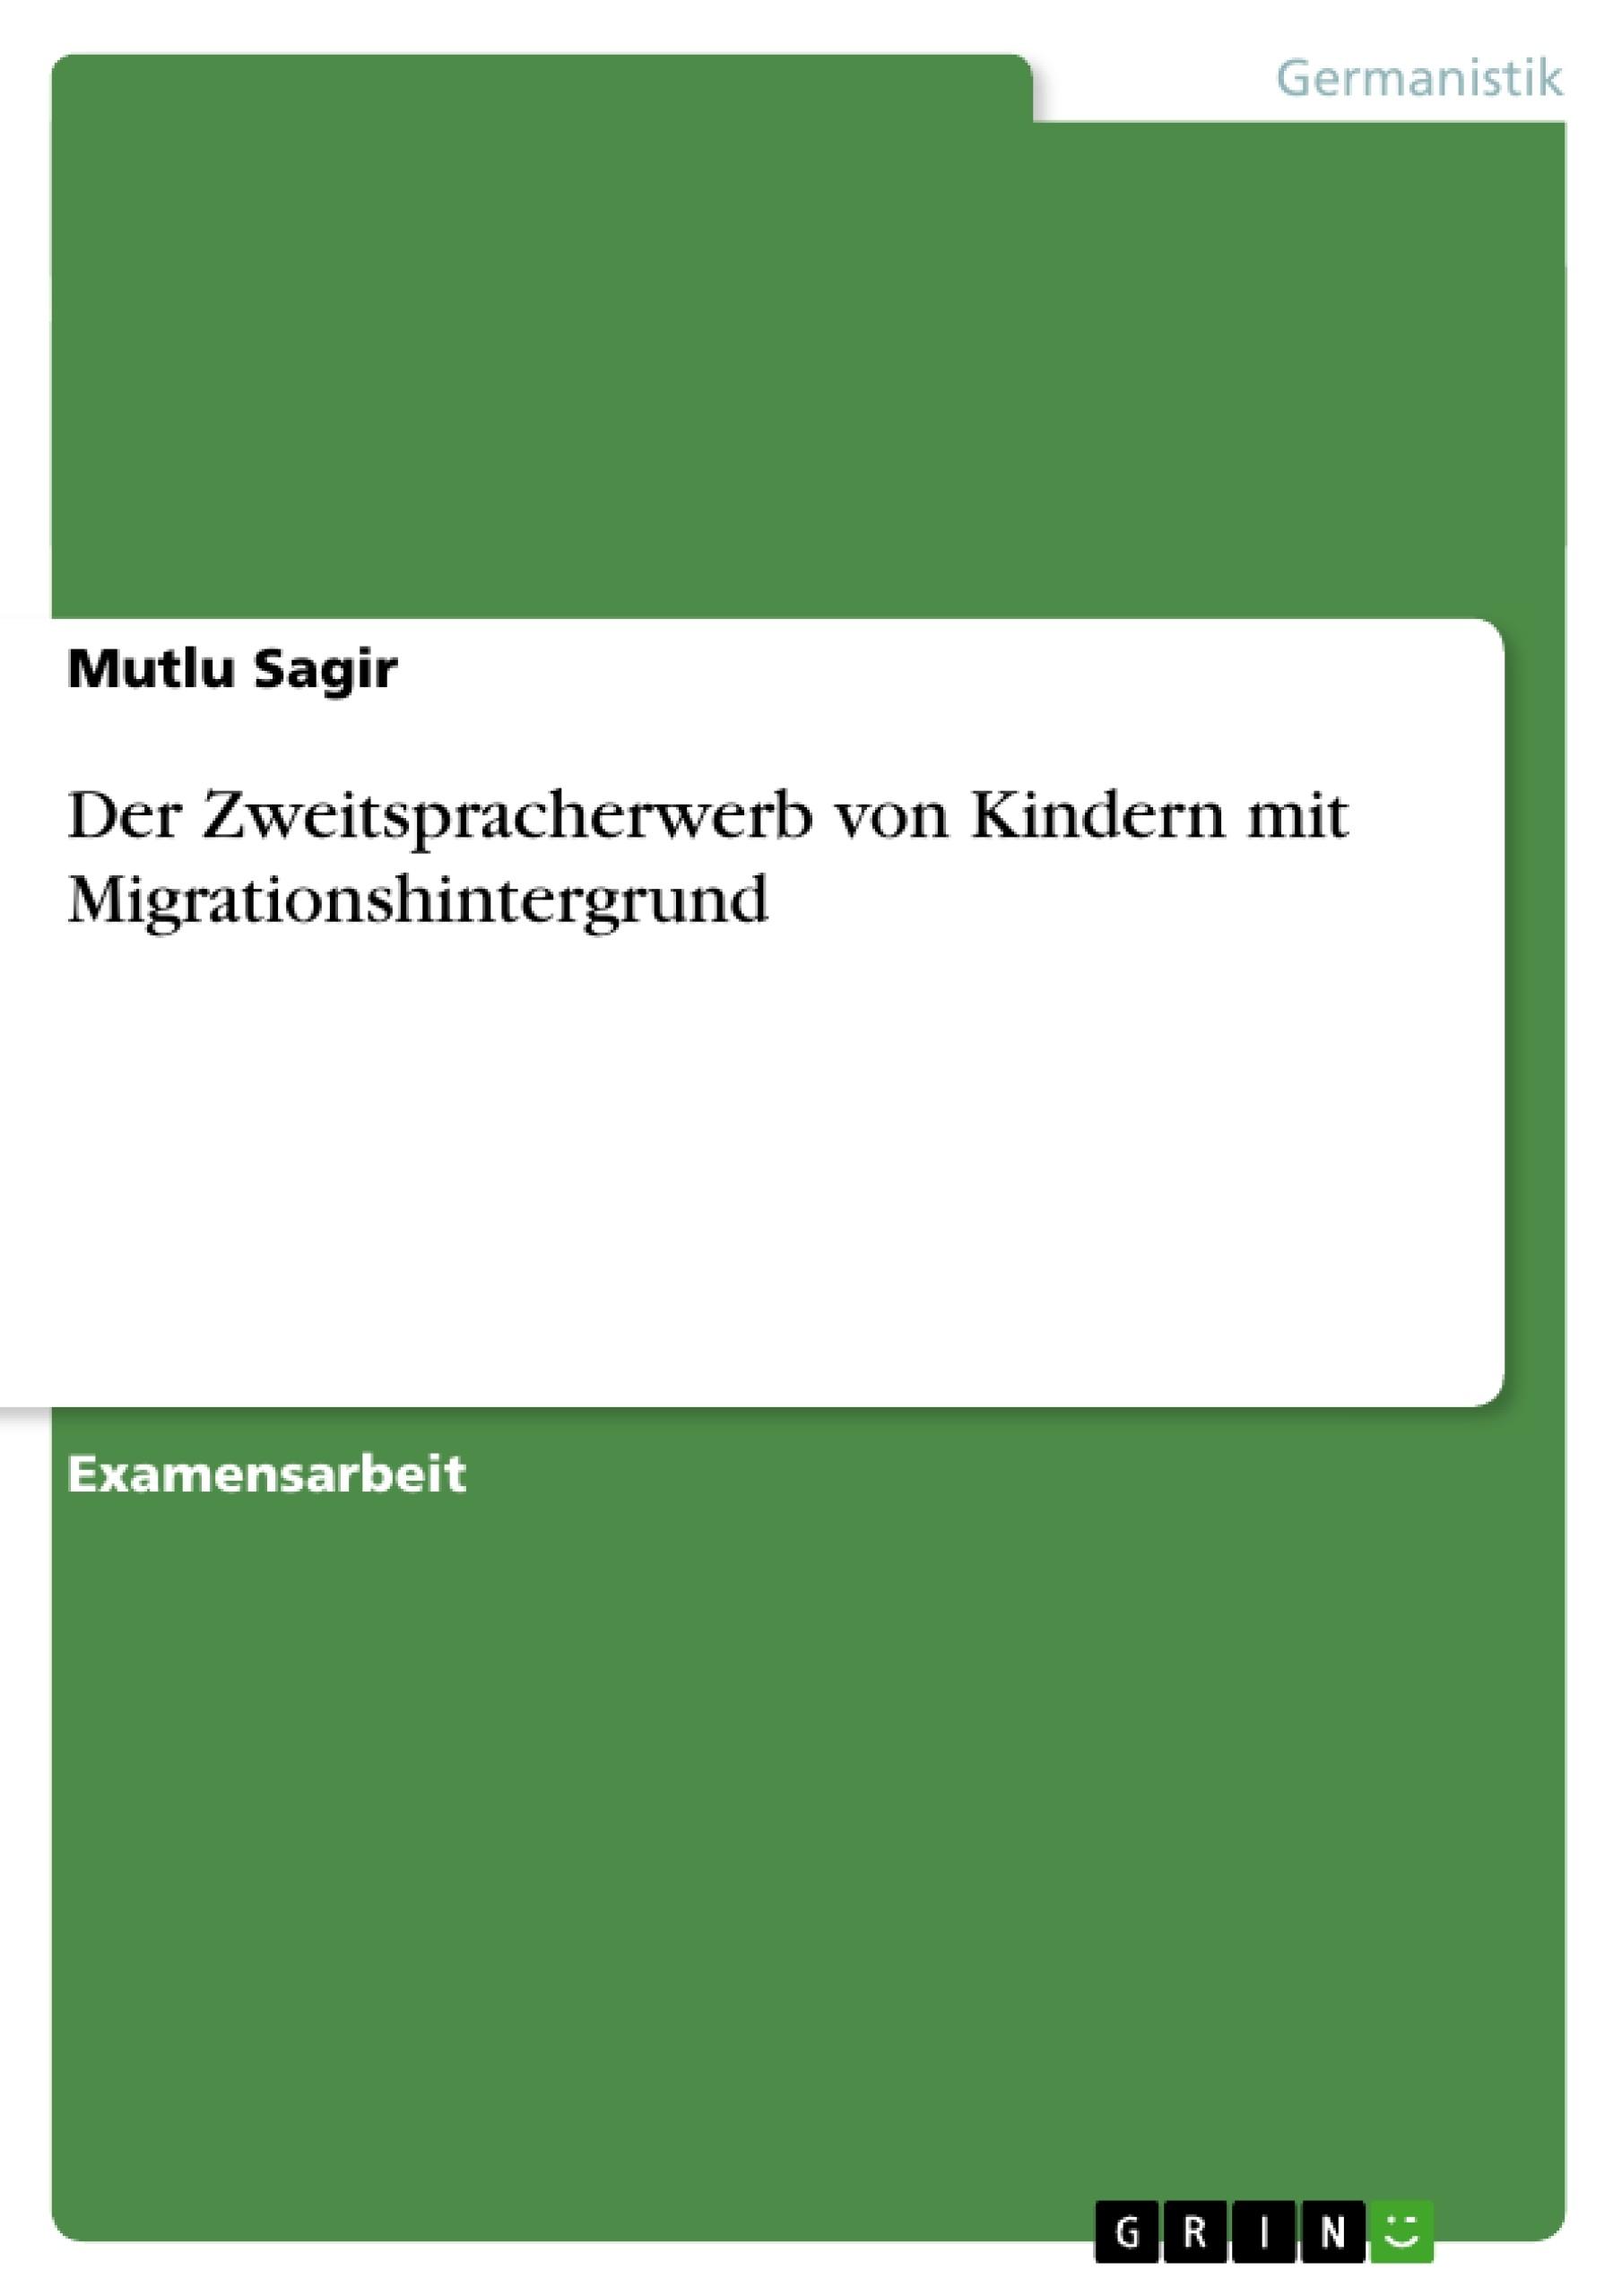 Titel: Der Zweitspracherwerb von Kindern mit Migrationshintergrund